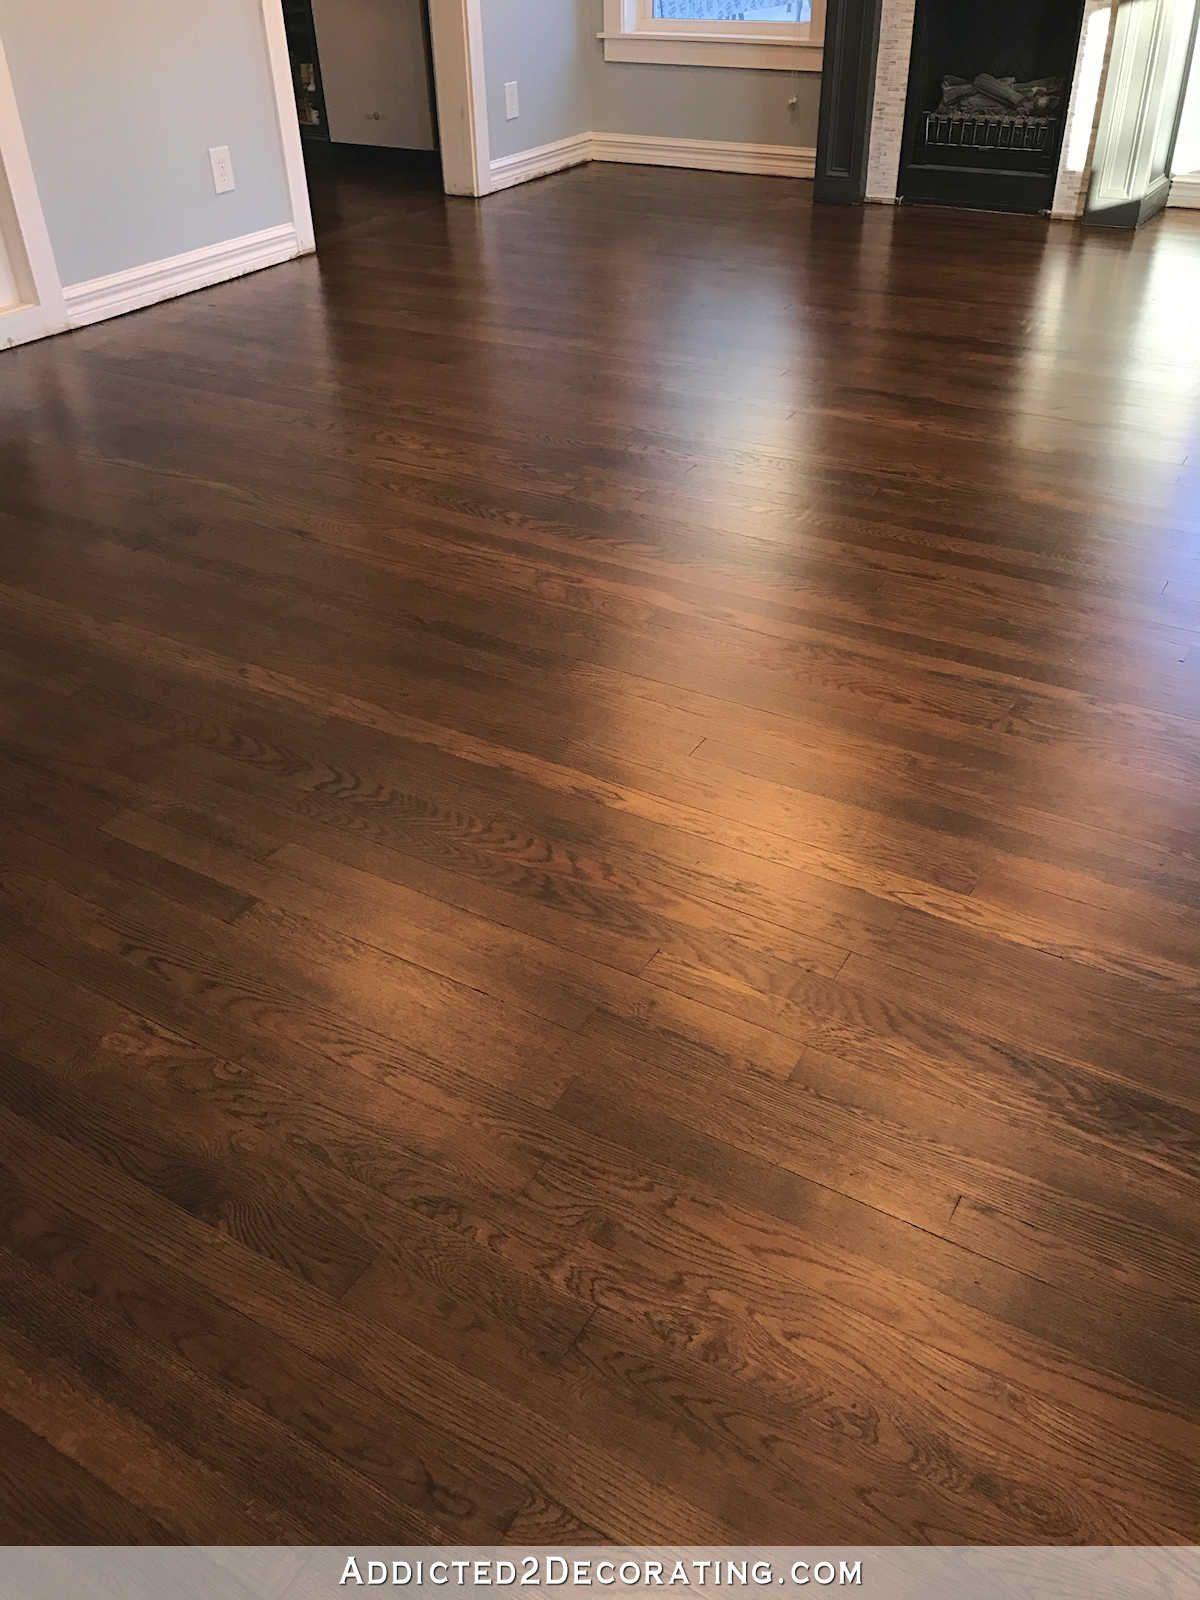 Hardwood Flooring In San Diego Carlsbad Oceanside